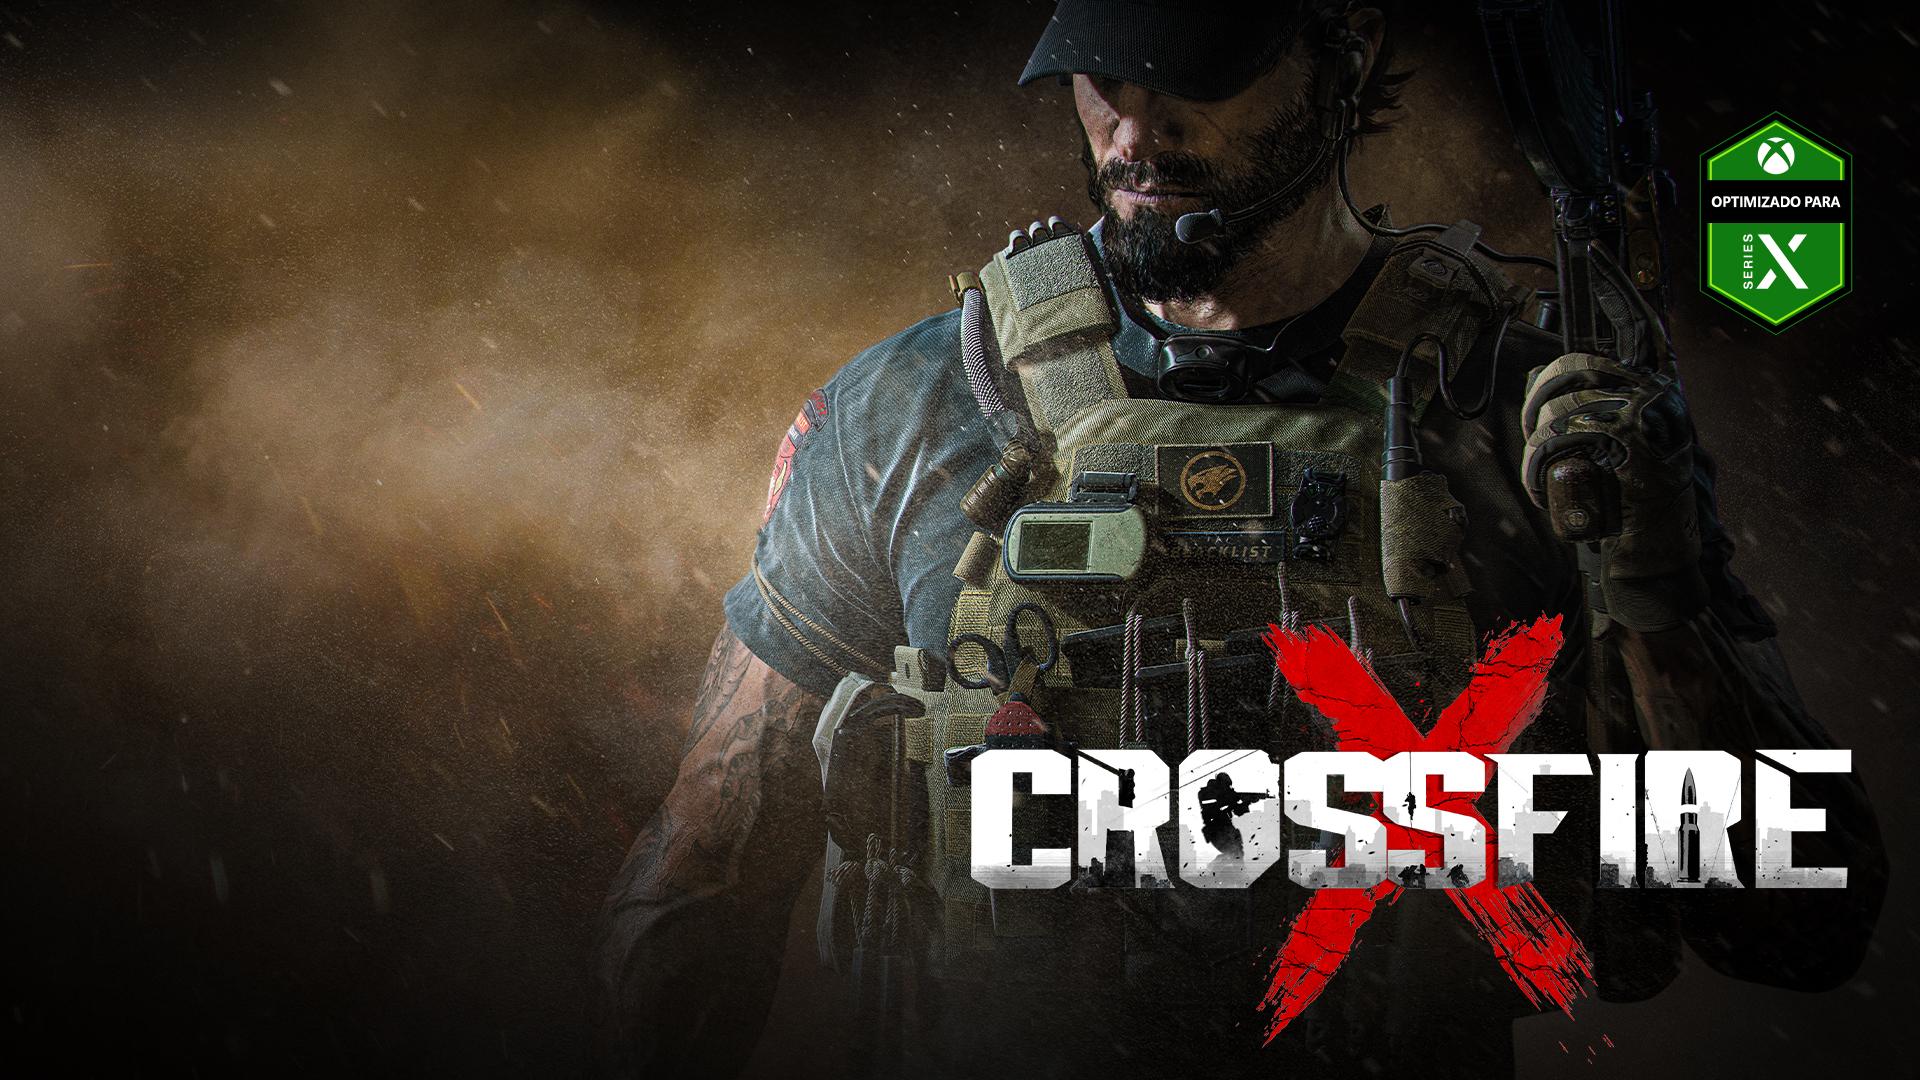 CrossfireX, optimizado para Xbox Series X: un hombre muy bien equipado rodeado de humo y cenizas